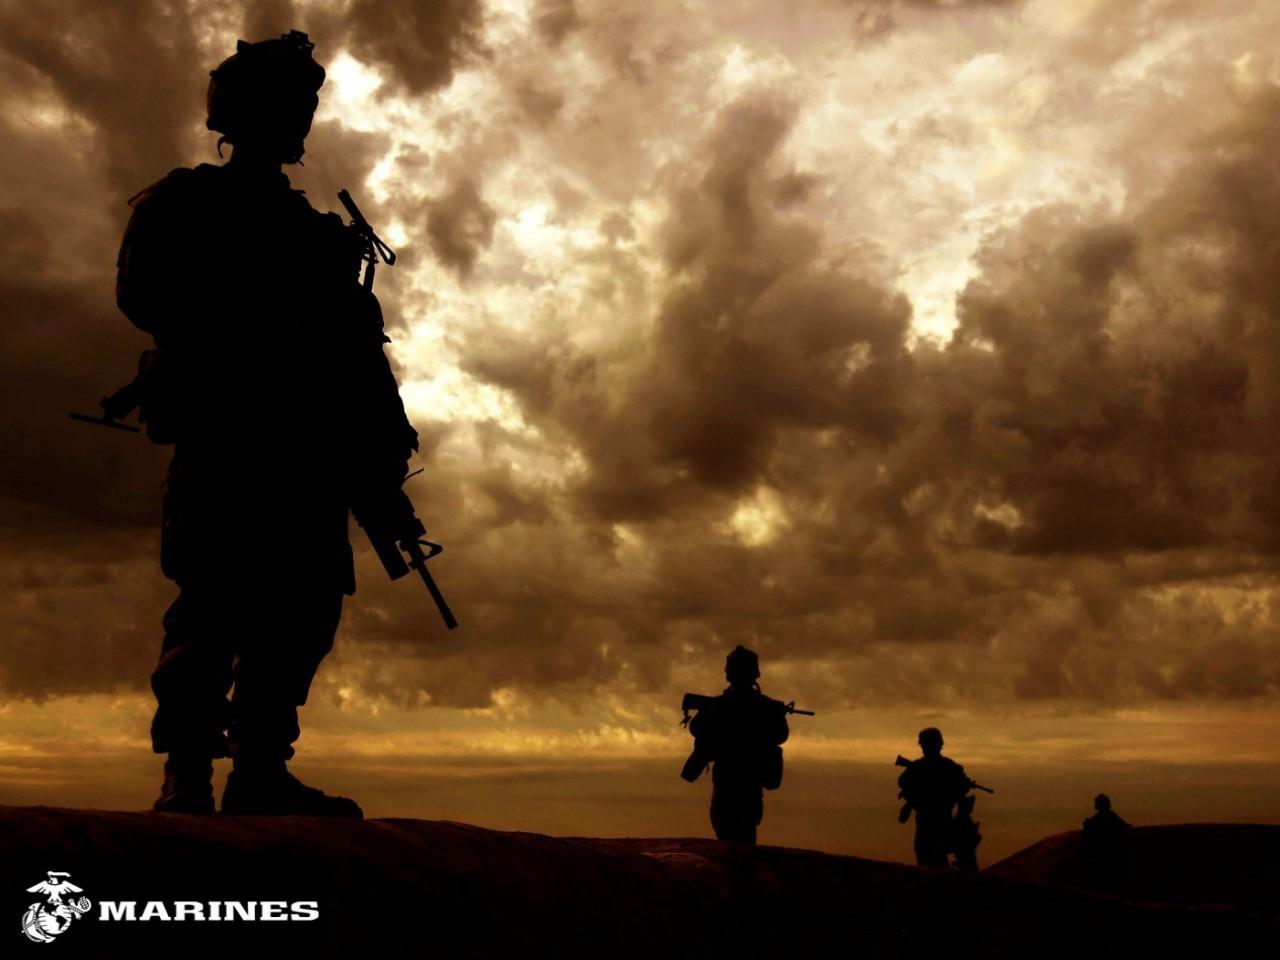 Free military wallpapers for desktop wallpapersafari - Military wallpaper army ...